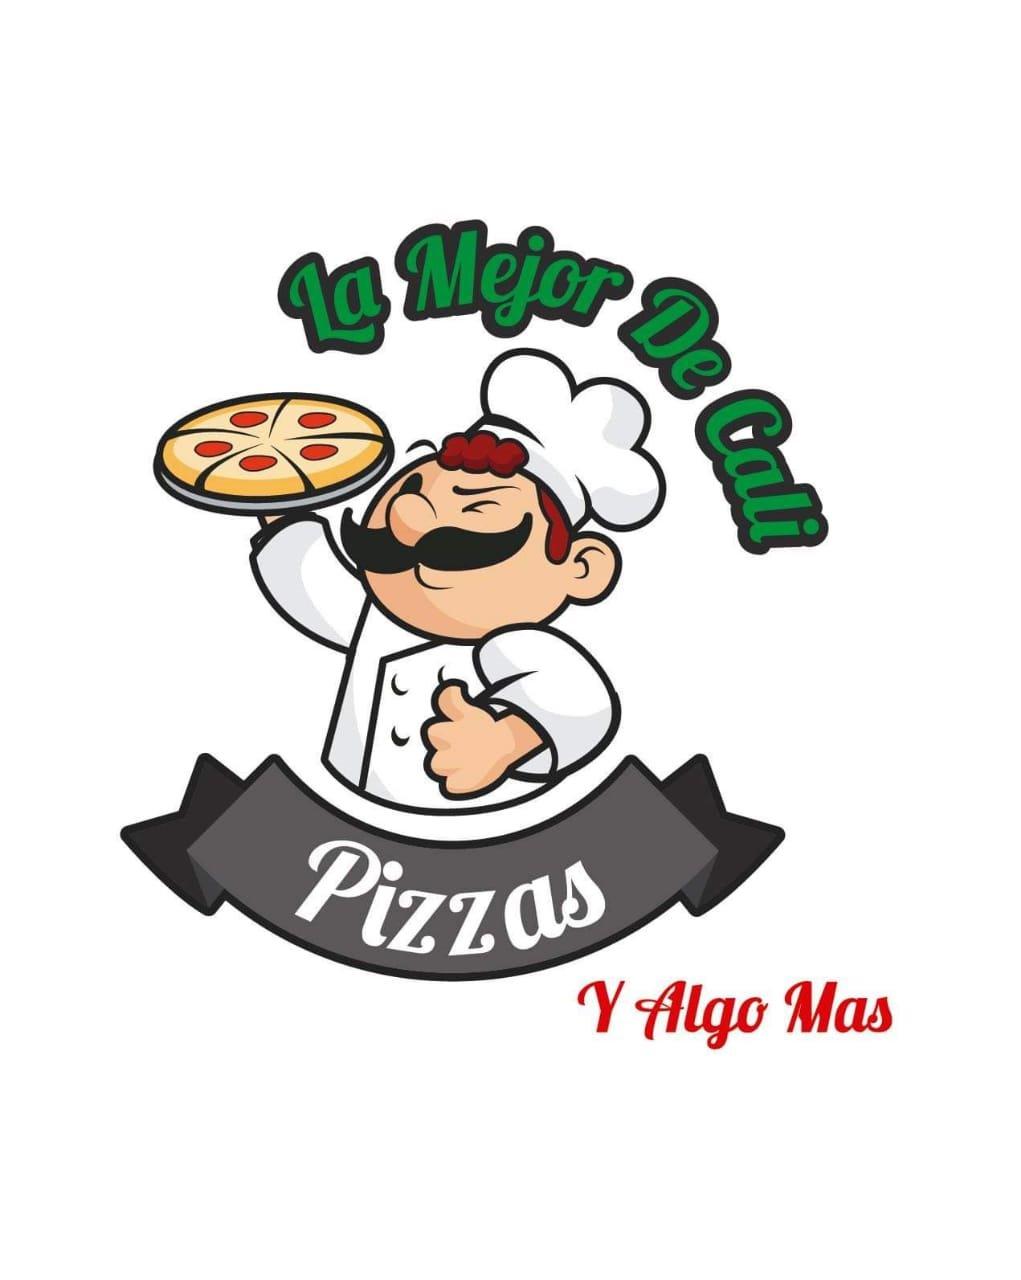 La Mejor de Cali Pizza y Algo Mas